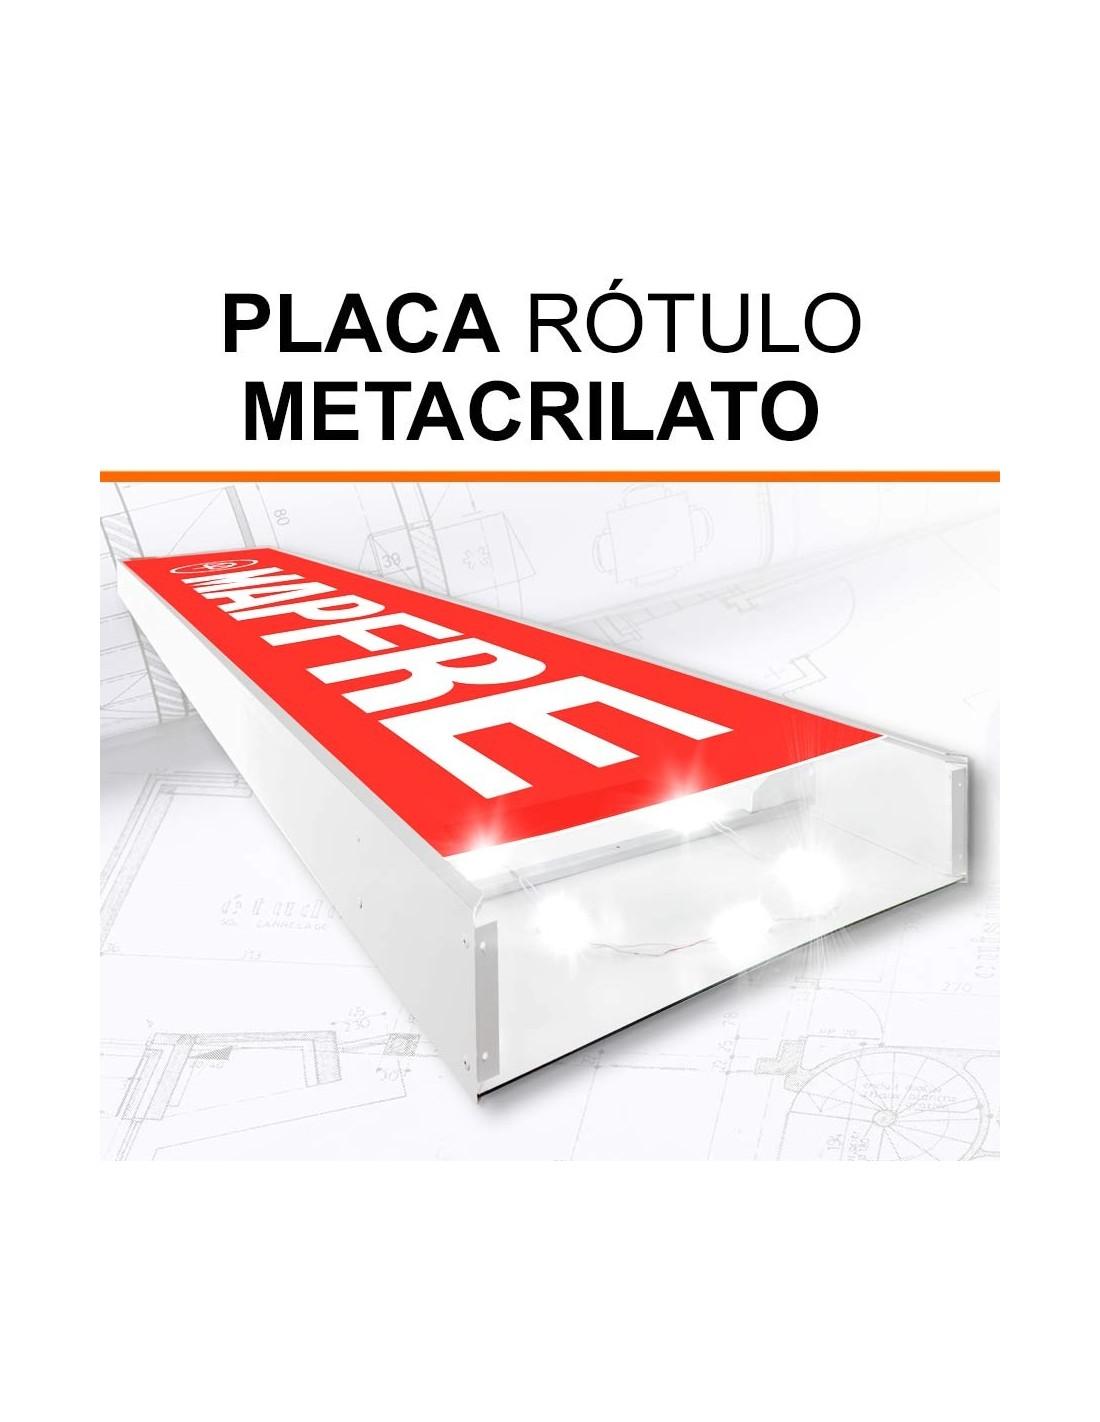 Placa de Metacrilato